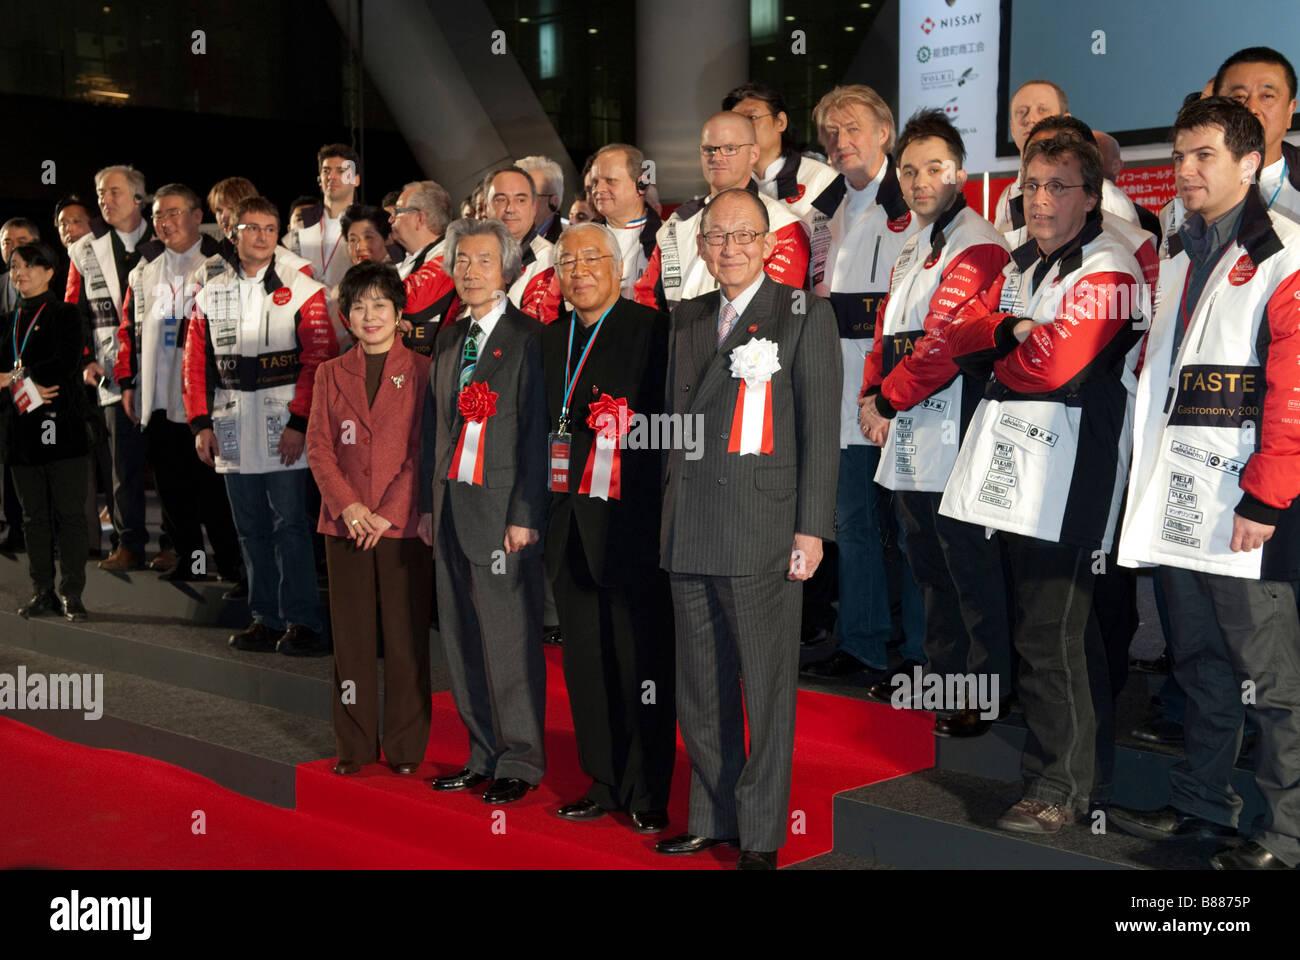 Les dignitaires lors de la cérémonie d'ouverture de Tokyo Bouche: Le Sommet mondial de la Gastronomie Photo Stock